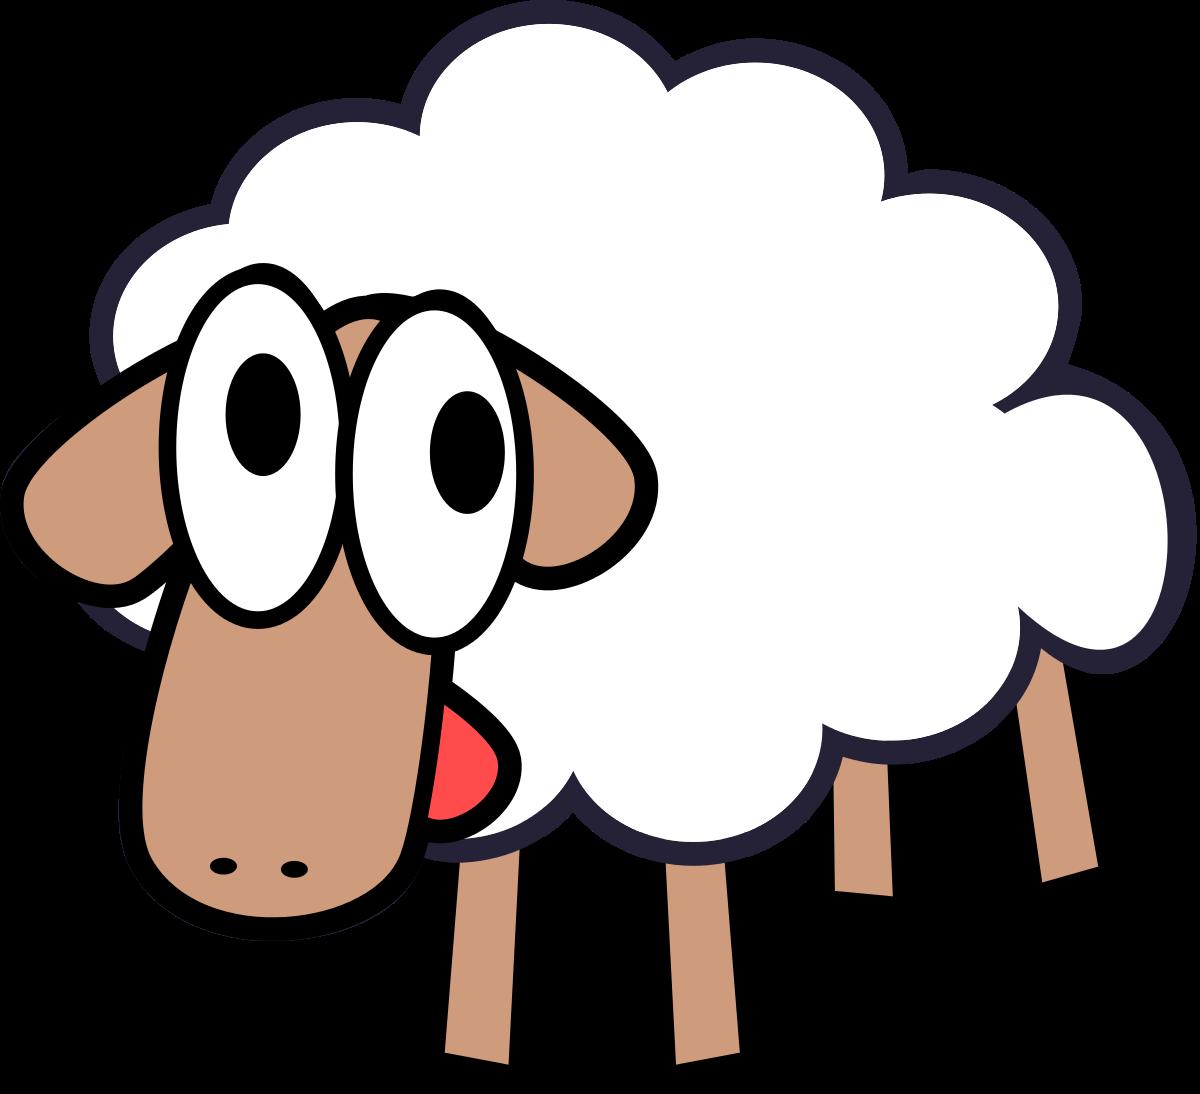 Sheep Clipart u0026amp; Sheep Clip Art I-Sheep Clipart u0026amp; Sheep Clip Art Images - ClipartALL clipartall.com-10